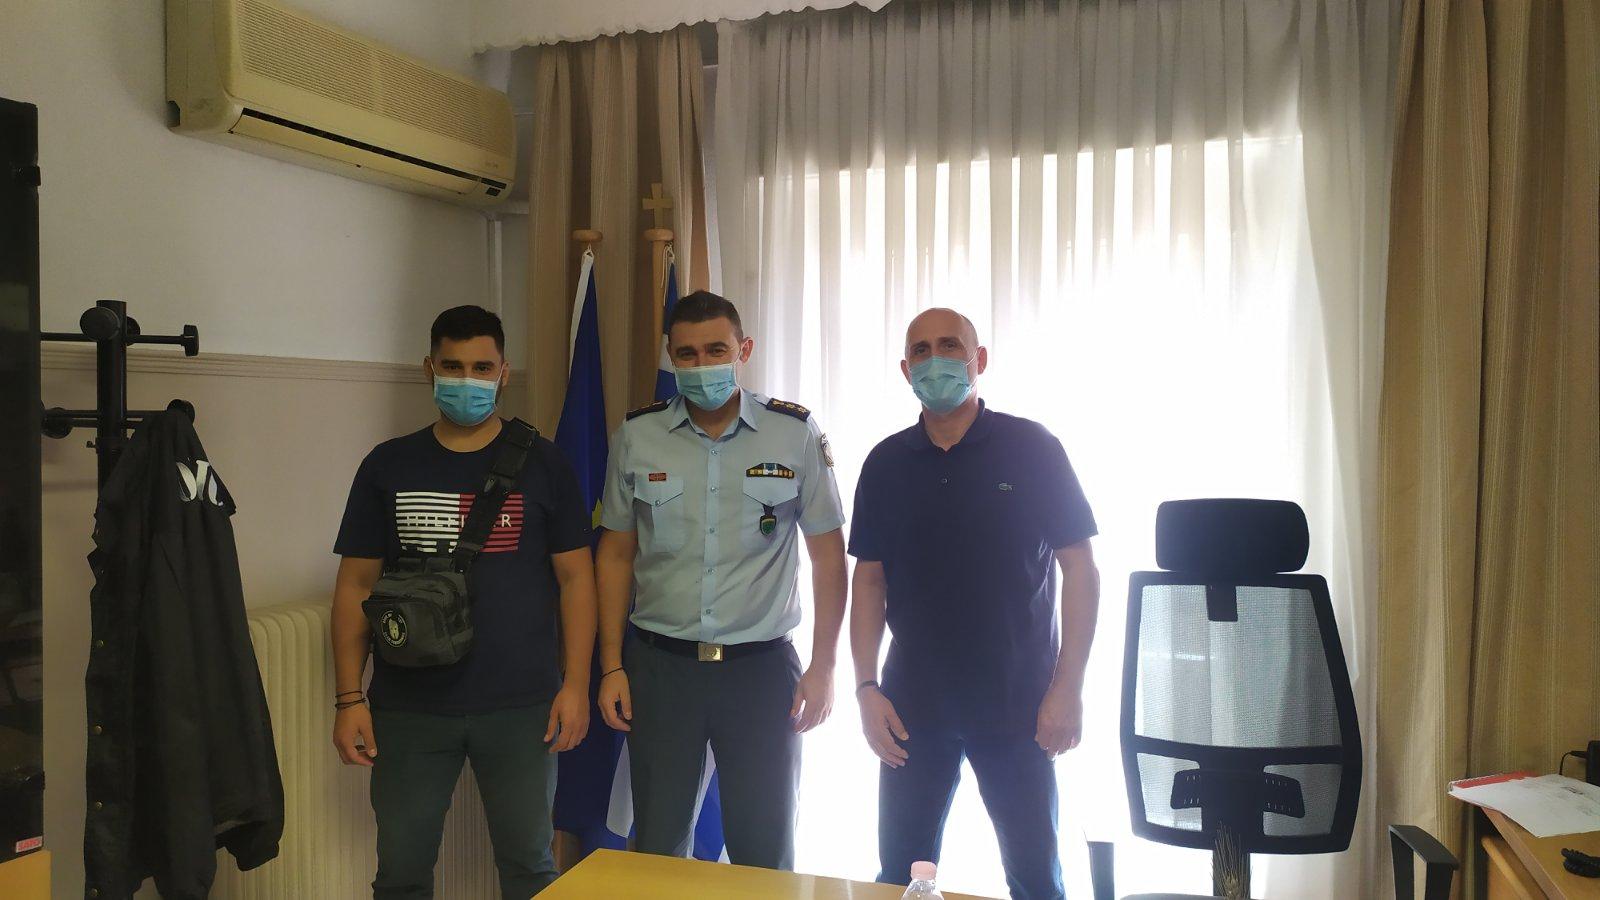 Επίσκεψη μελών του ΔΣ της Ένωσης Αξιωματικών Αστυνομίας Δυτικής Μακεδονίας στην Διεύθυνση Αστυνομίας Καστοριάς